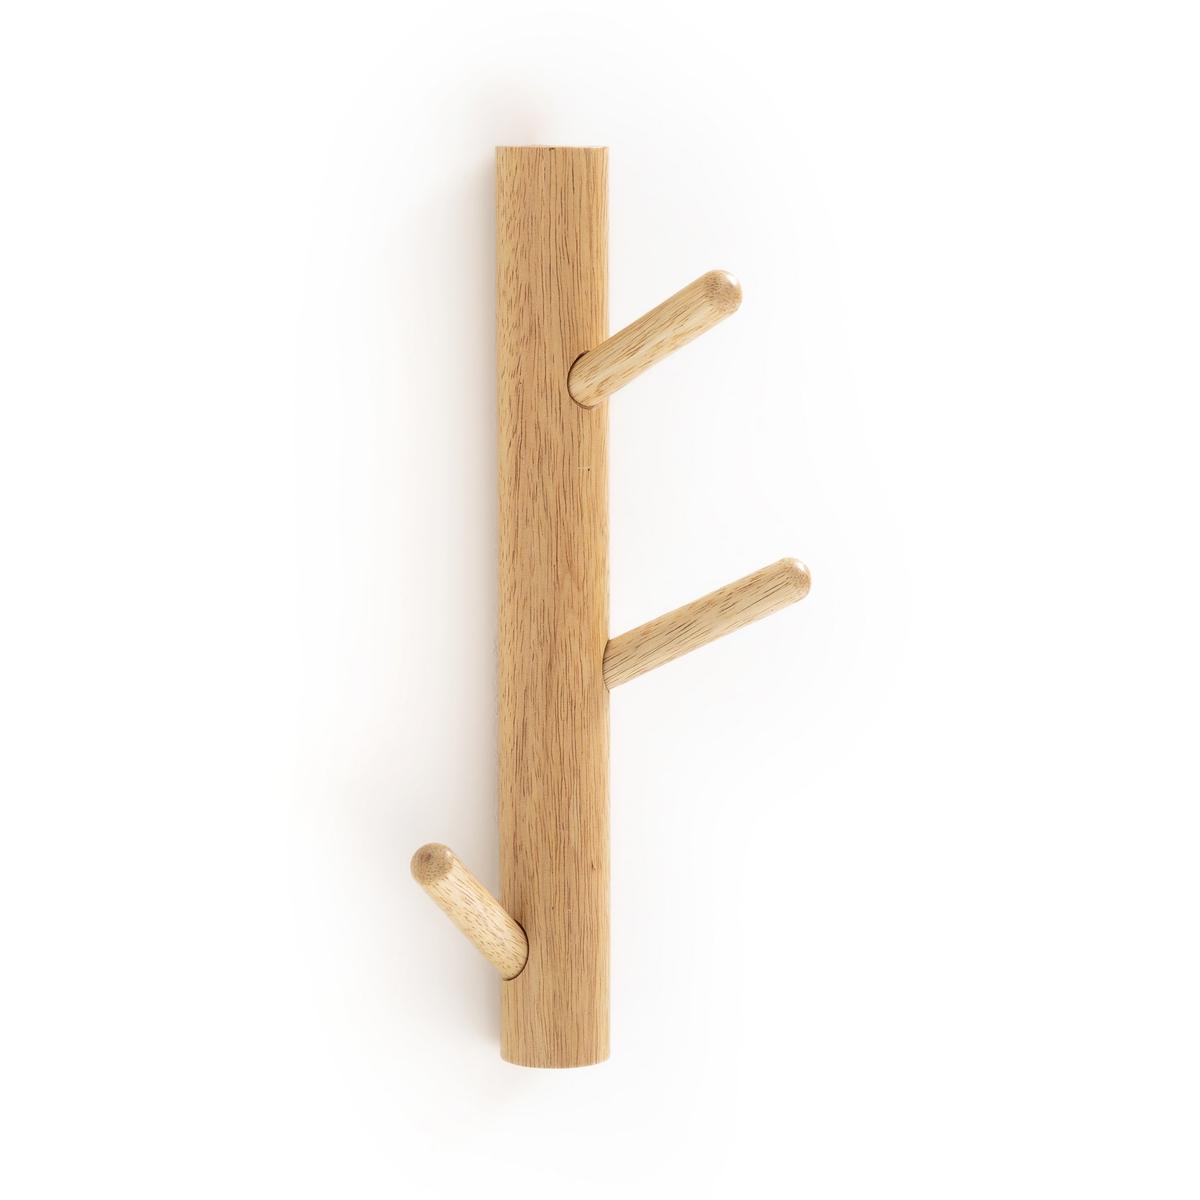 Вешалка La Redoute Настенная с деревянными крючками SUSPENSO единый размер бежевый вешалка la redoute настенная с крючками agama единый размер белый